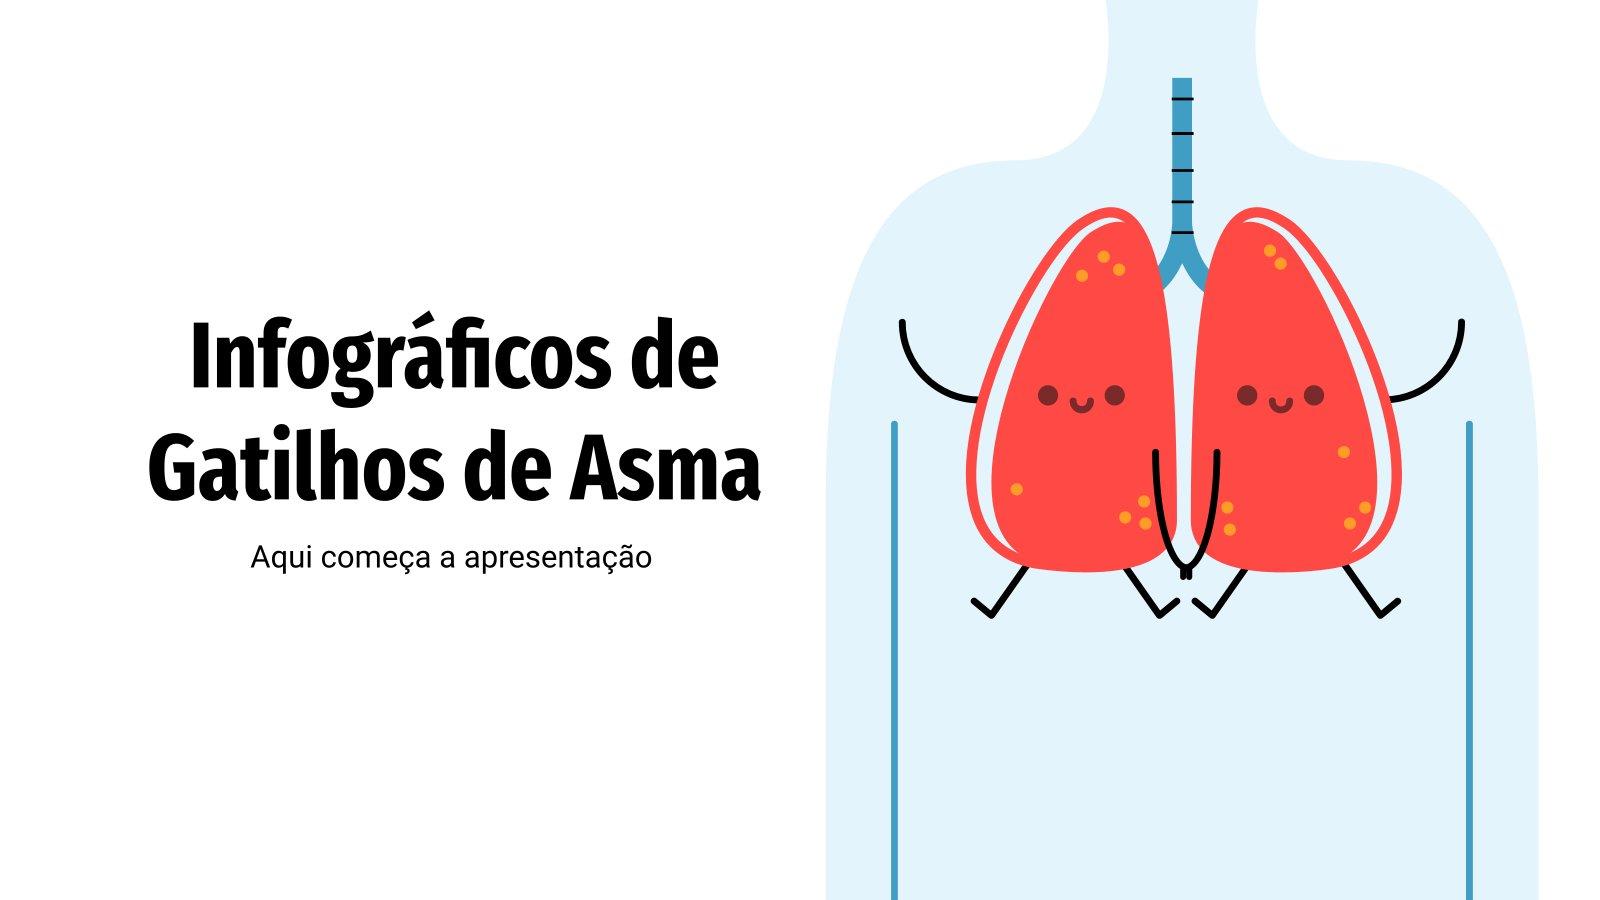 Infográficos de gatilhos de asma presentation template